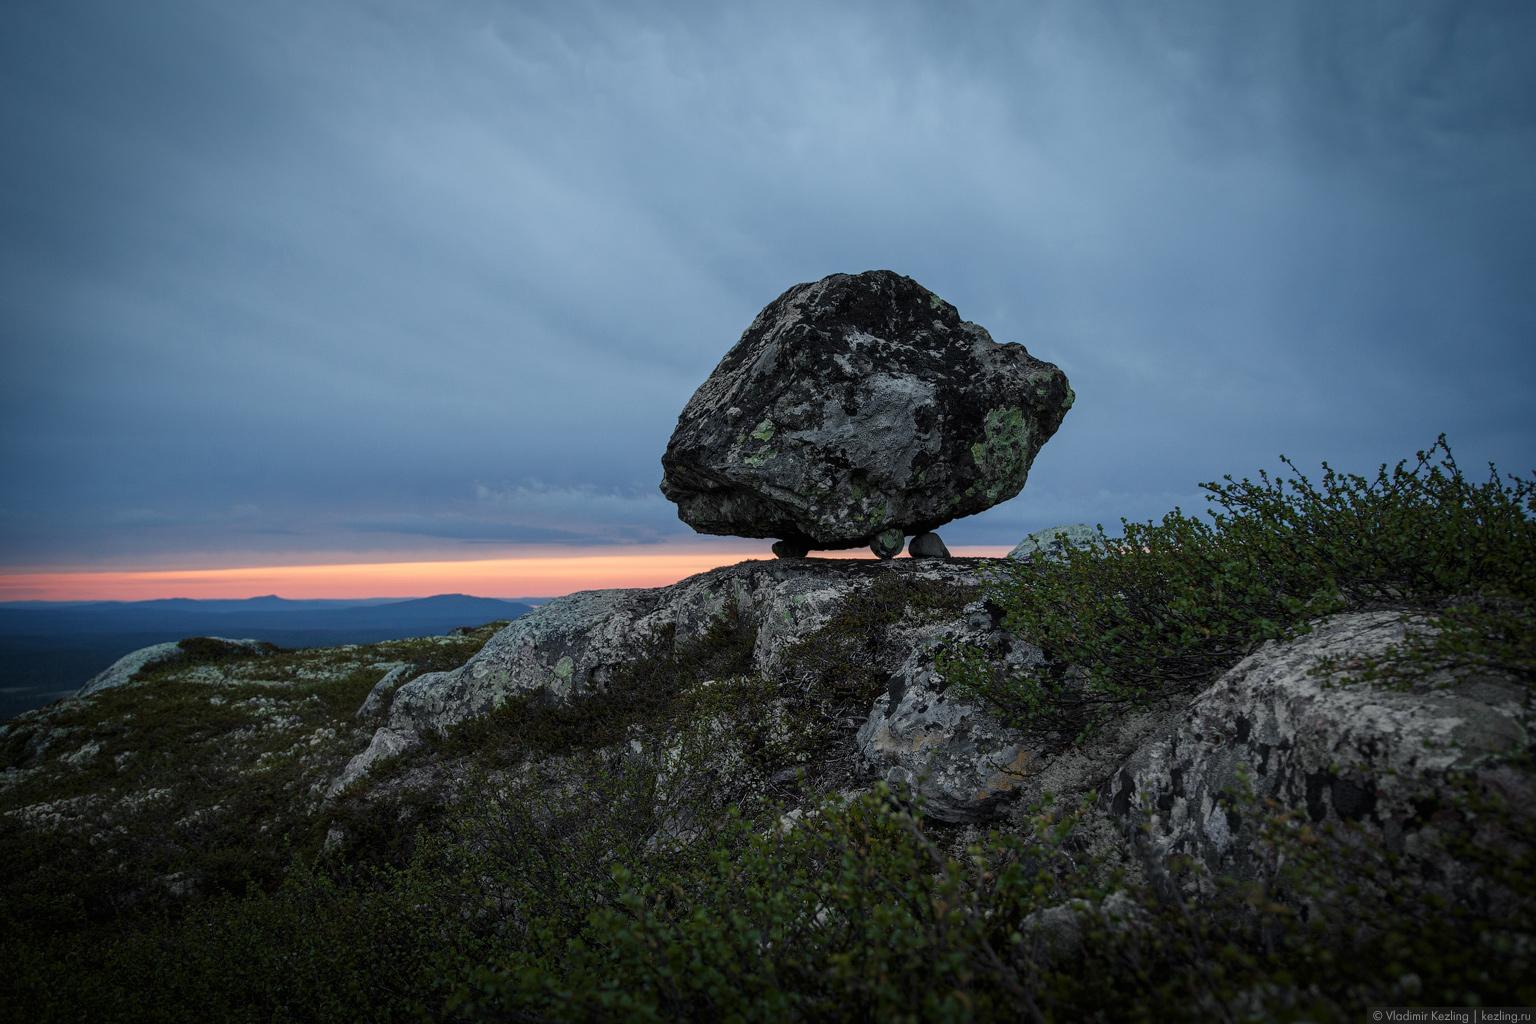 Большое карельское путешествие. Дни 6 и 7. Национальный парк «Паанаярви». Нуорунен — самая высокая сопка в Карелии